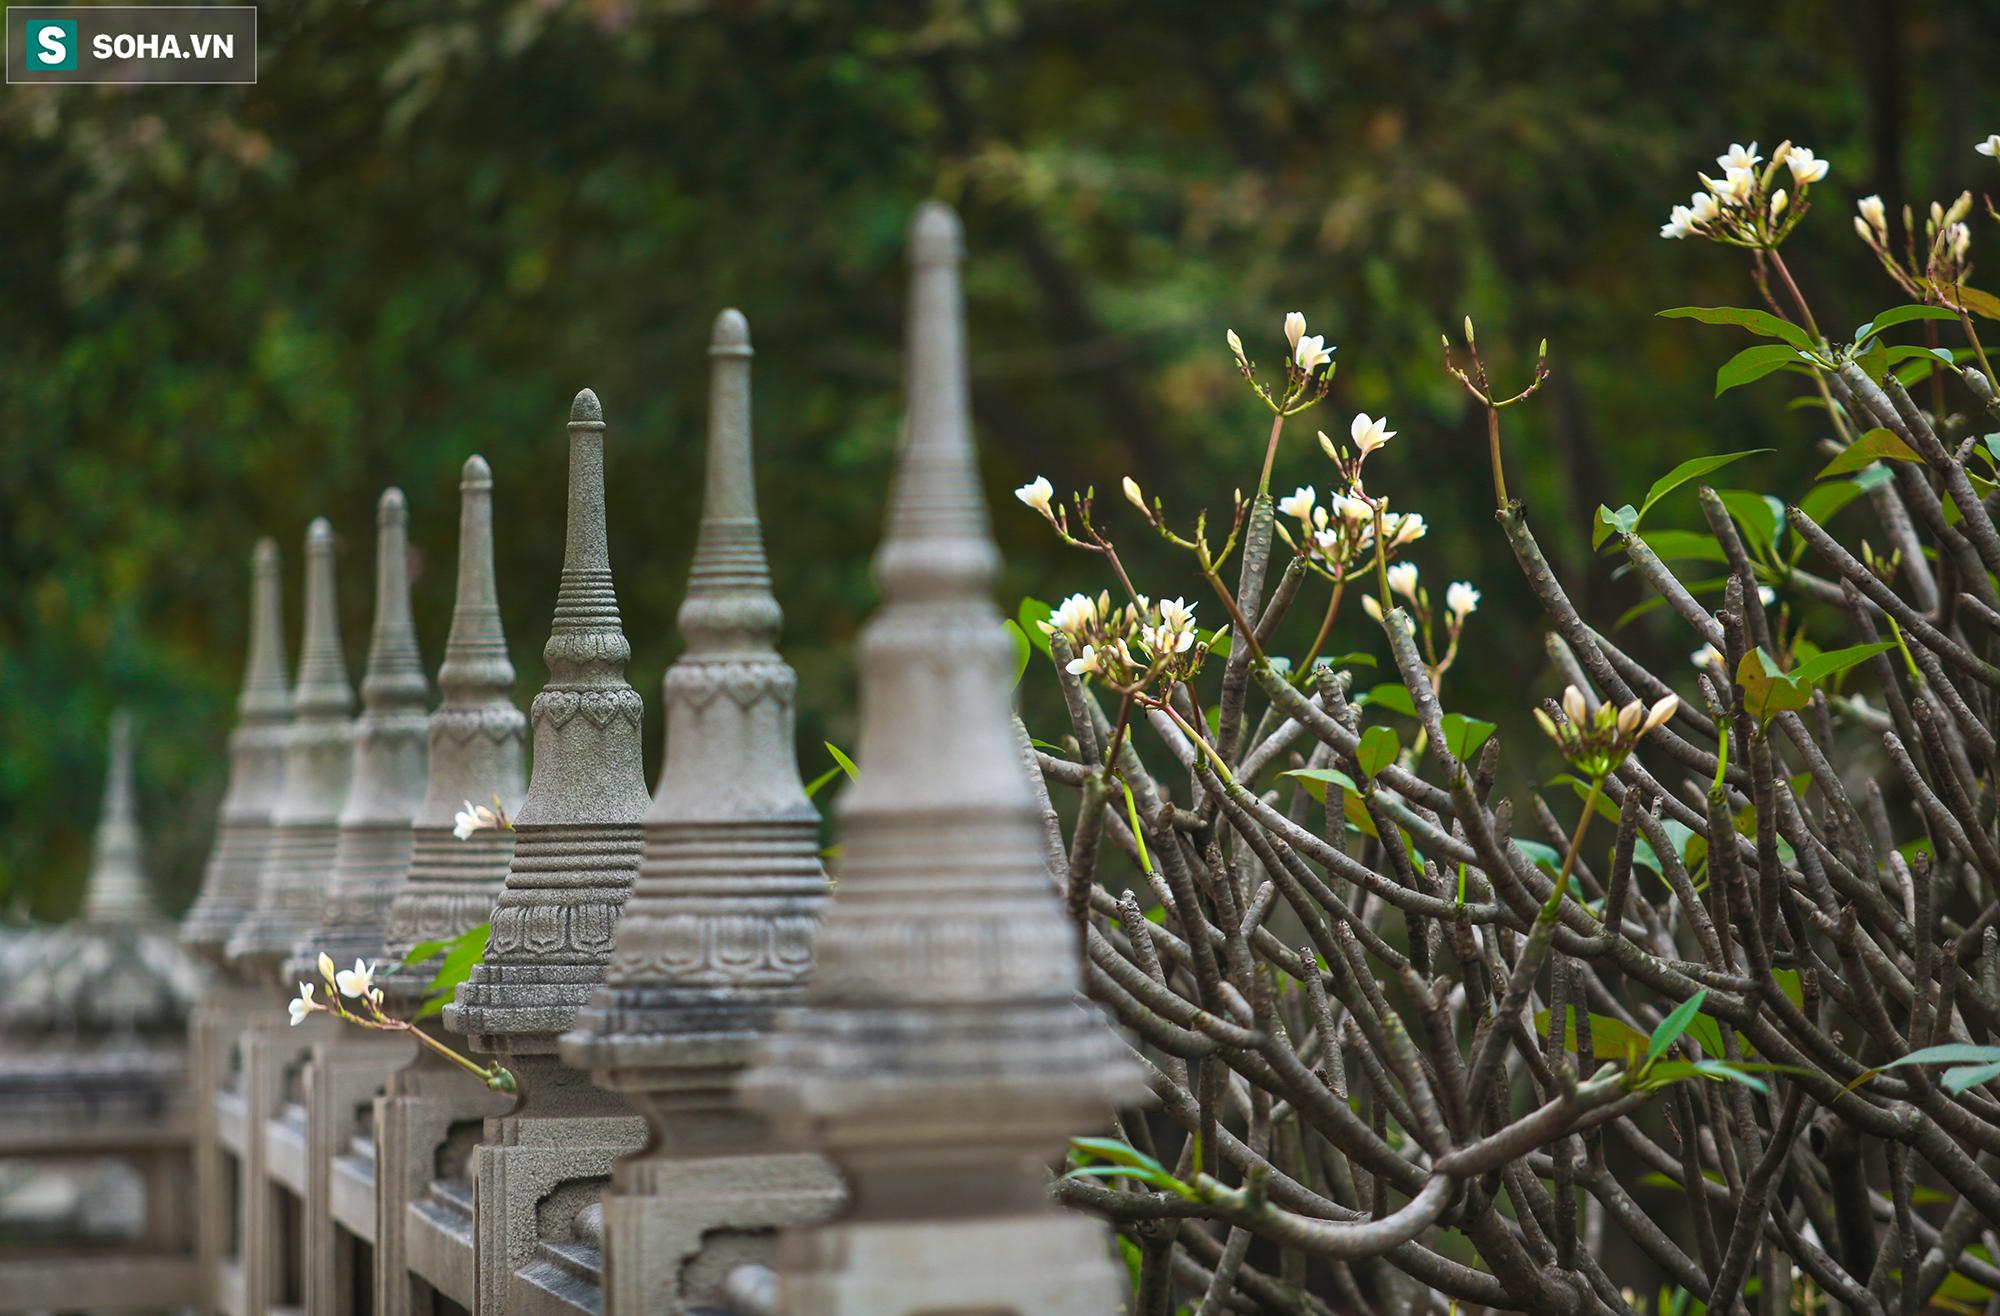 [Ảnh] Ngắm vẻ đẹp huyền bí của ngôi chùa lọt top đẹp nhất thế giới tọa lạc tại TP.Thủ Đức - Ảnh 12.